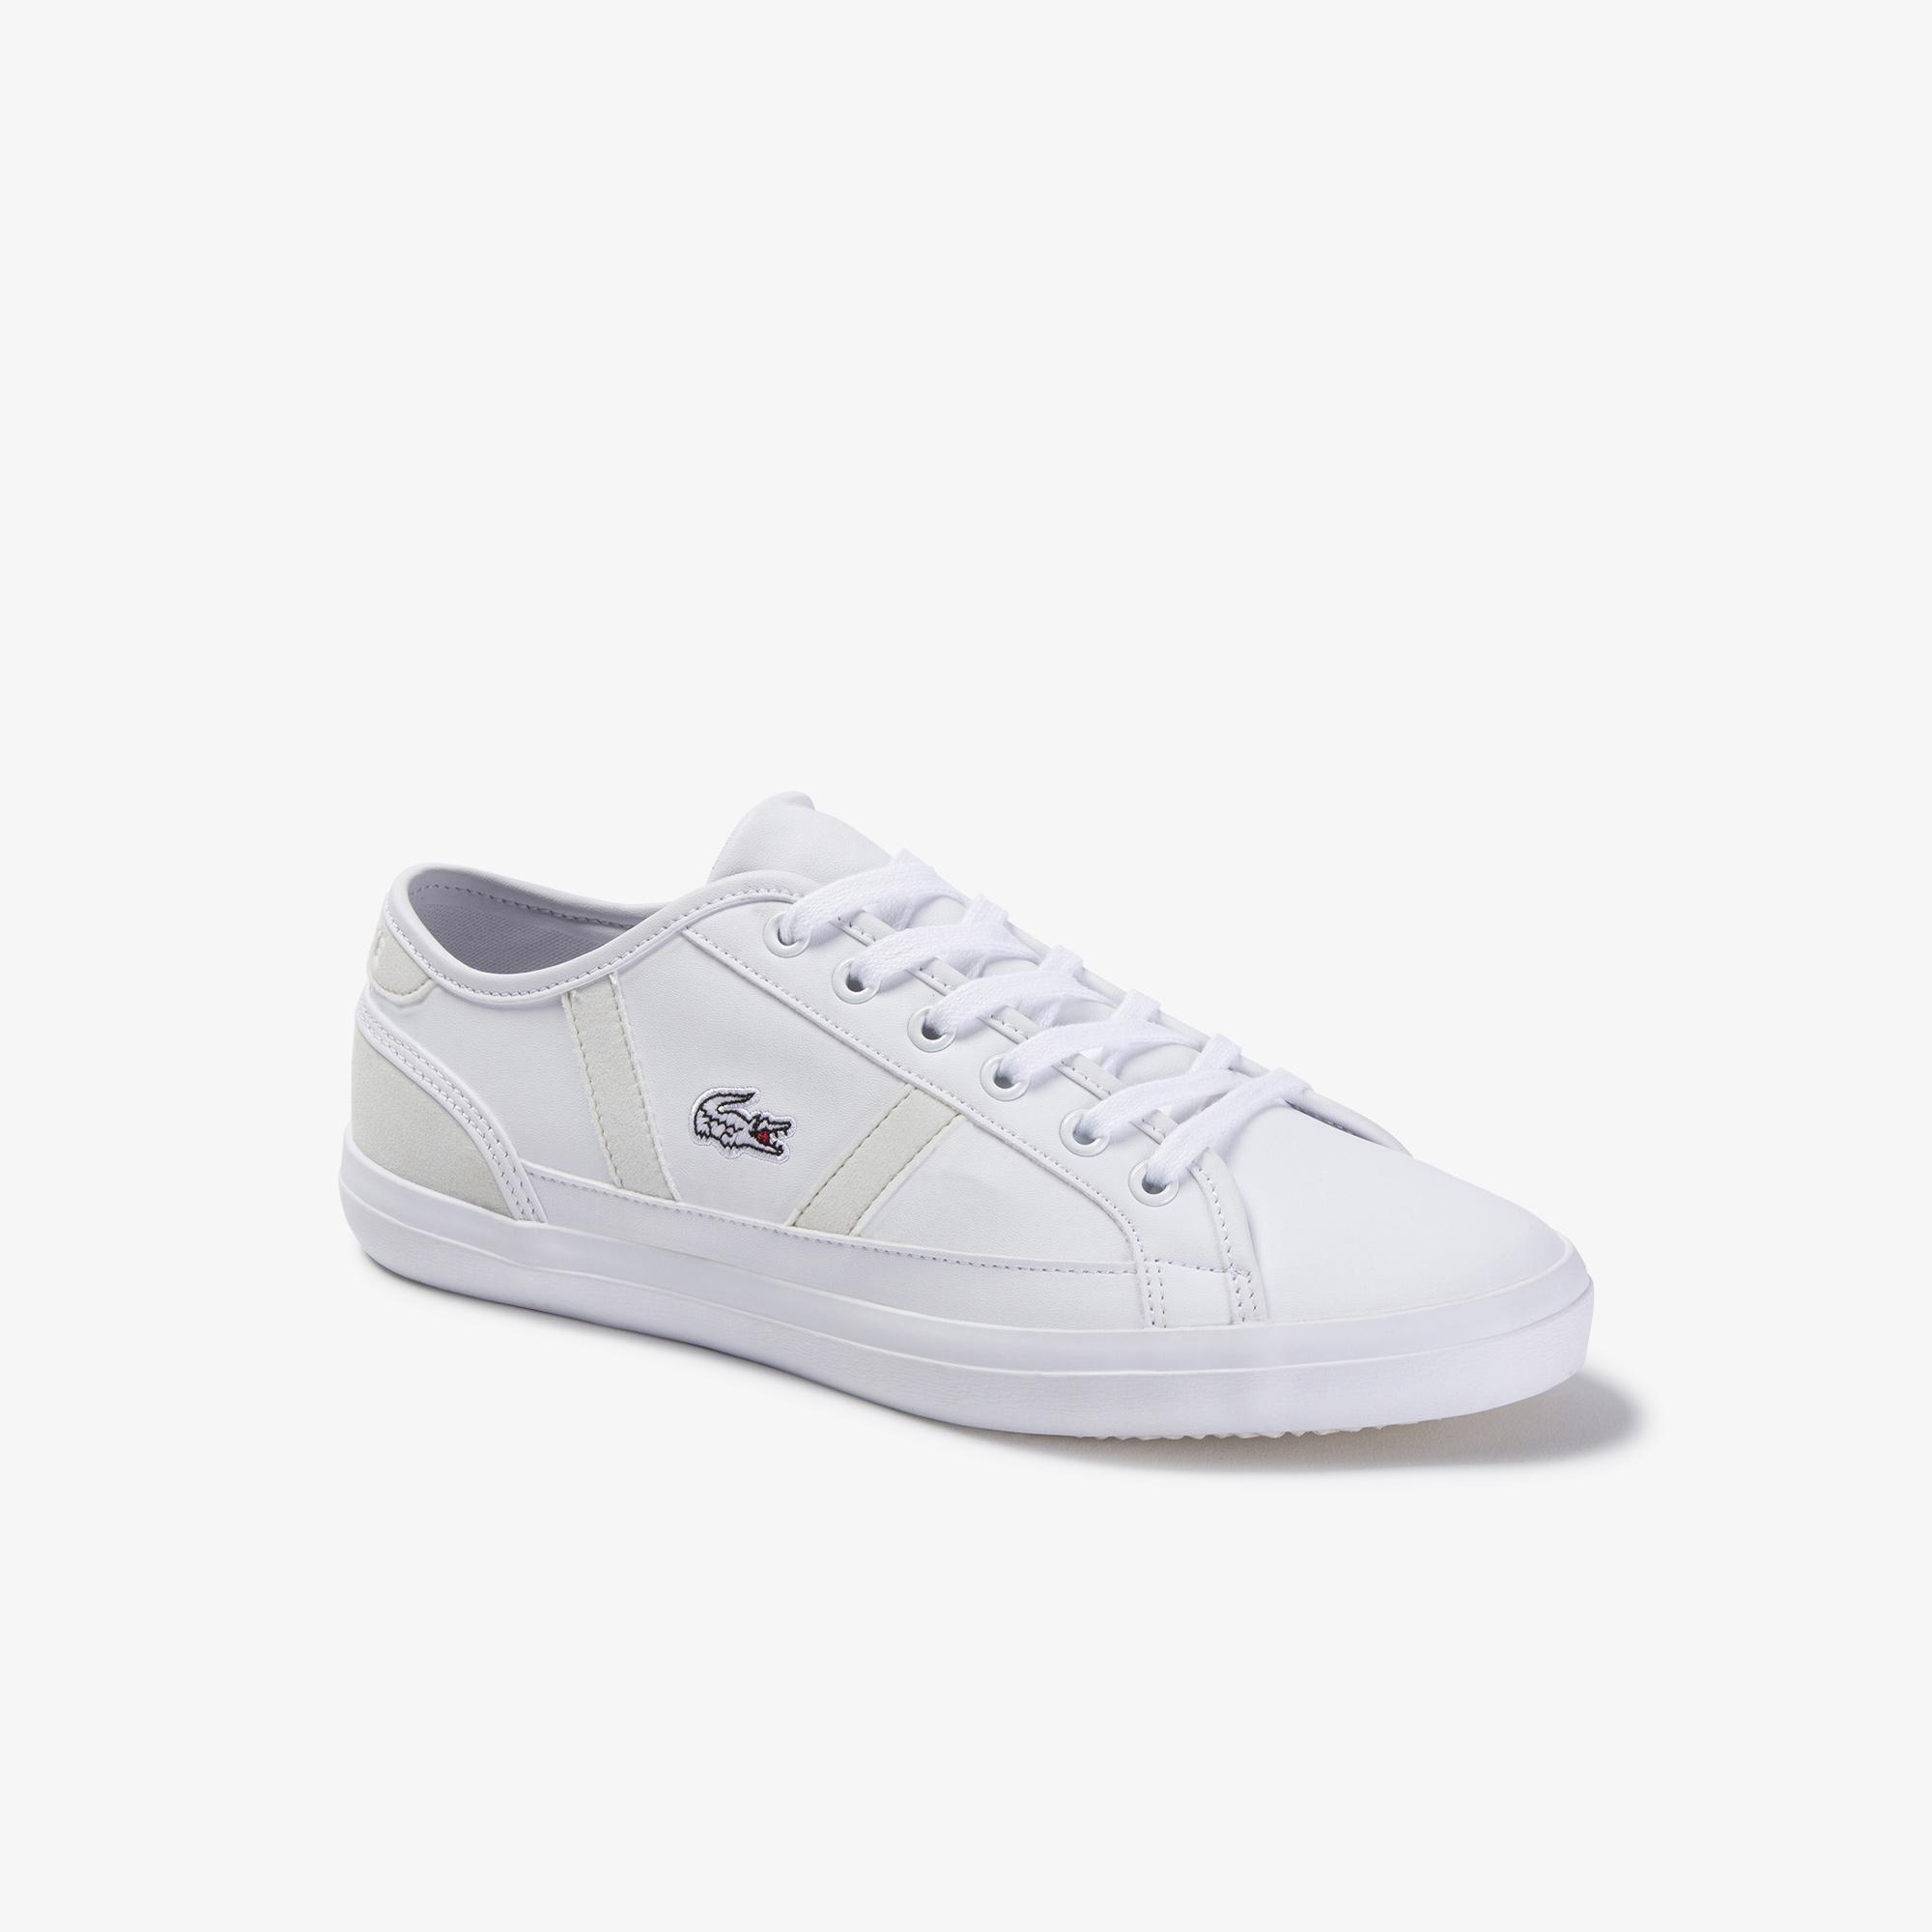 Lacoste Sideline 120 2 Cuj Kadın Beyaz Ayakkabı